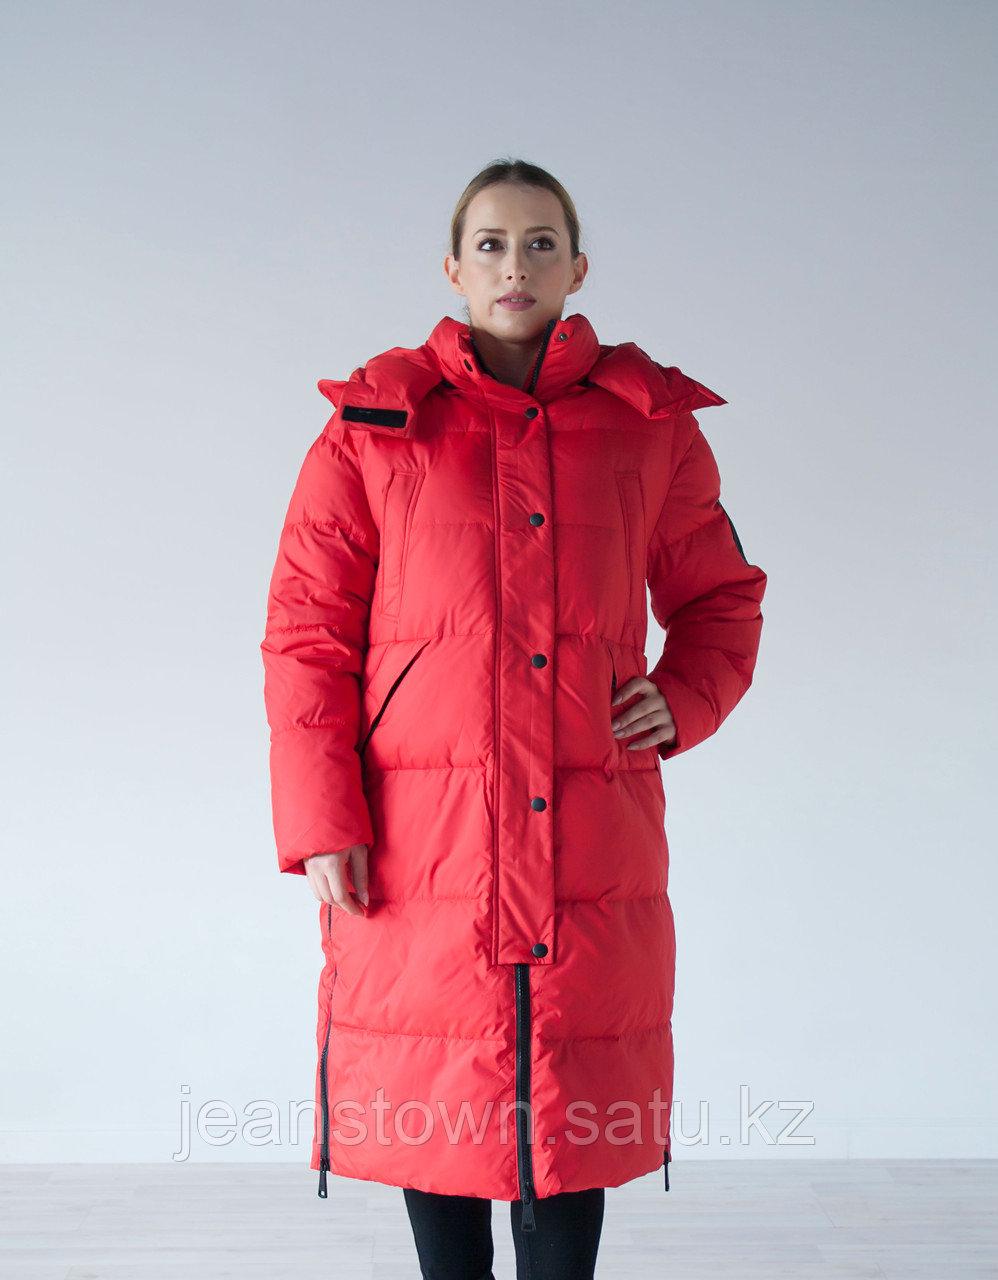 Куртка женская зимняя Evacana длинная, красная